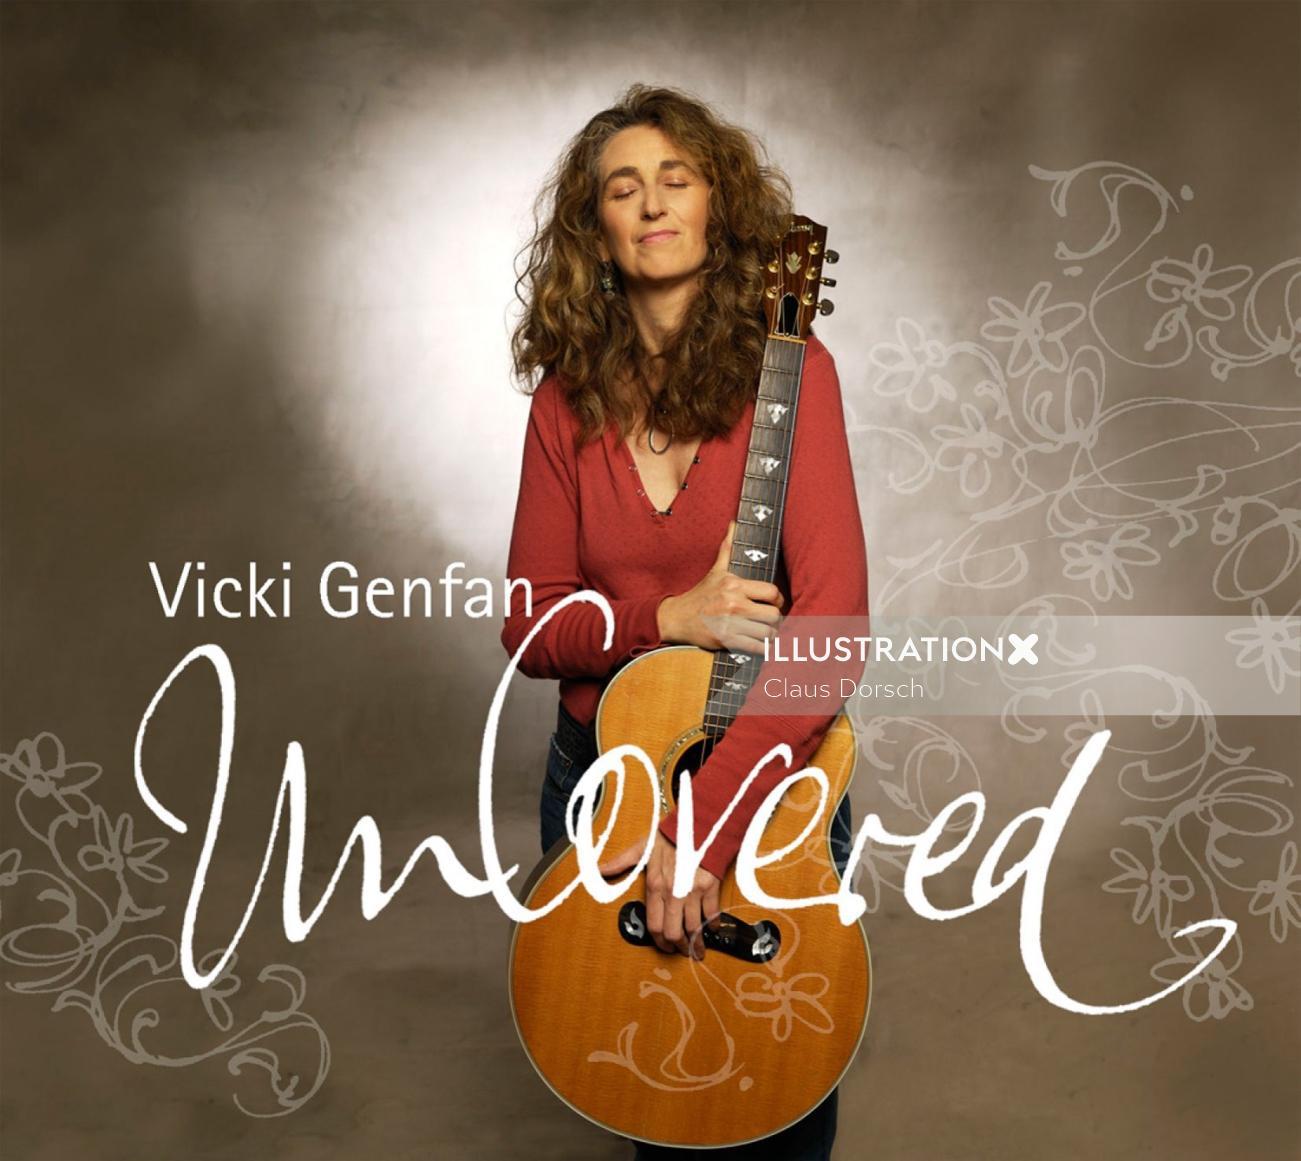 Lettering Vicki Genfan uncovered